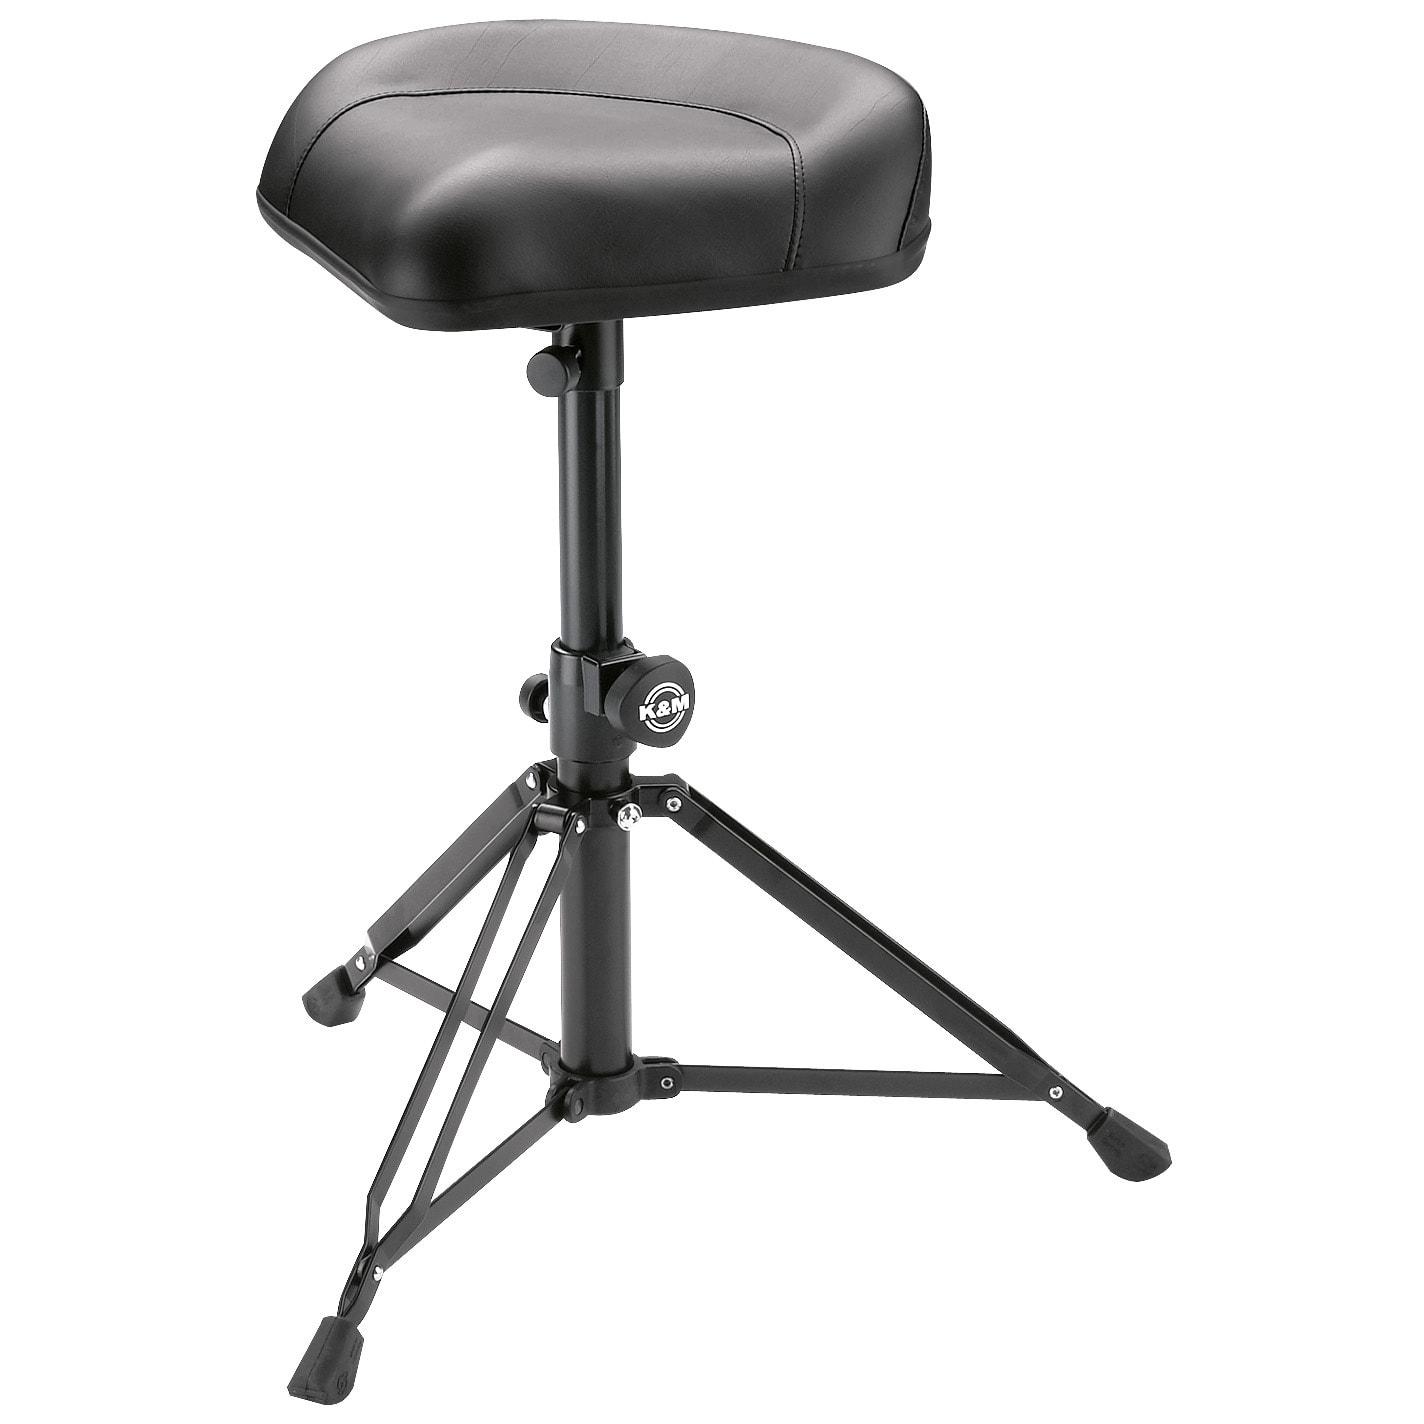 KM14055 - Drummer's throne »nick«